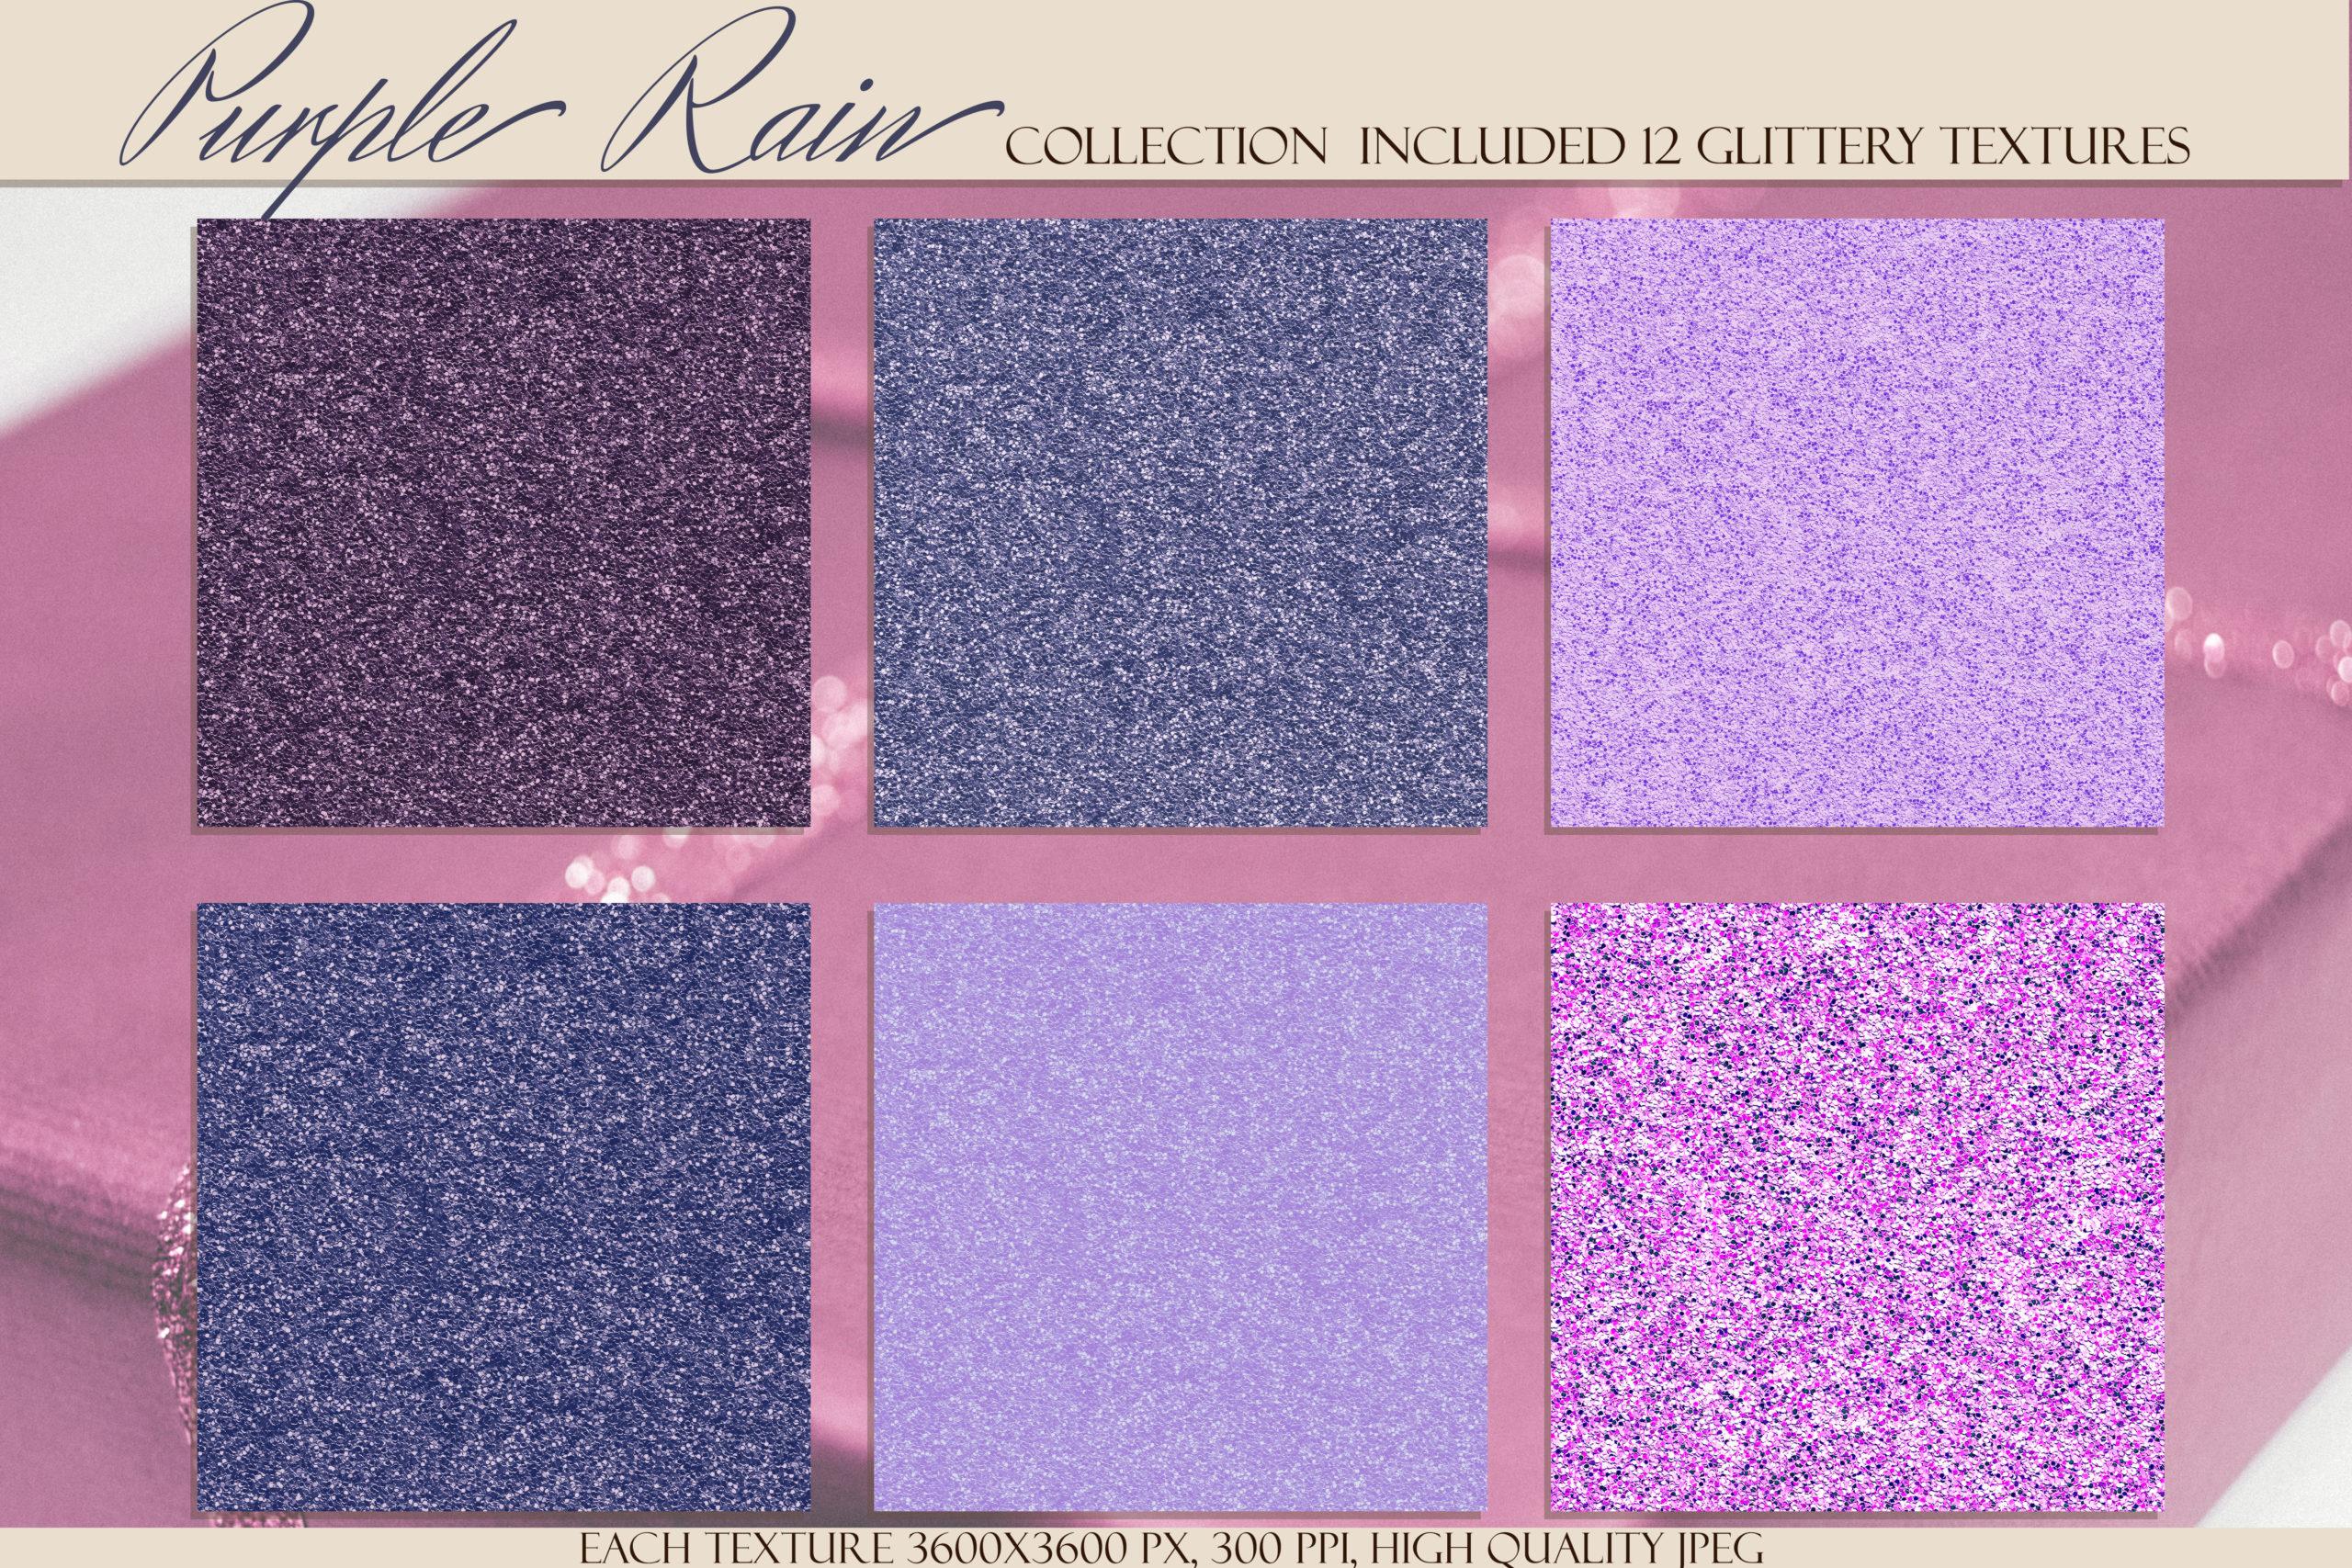 12款紫色闪光贴纸纹理背景图片素材 Purple Rain Glitter Texture Pack插图2